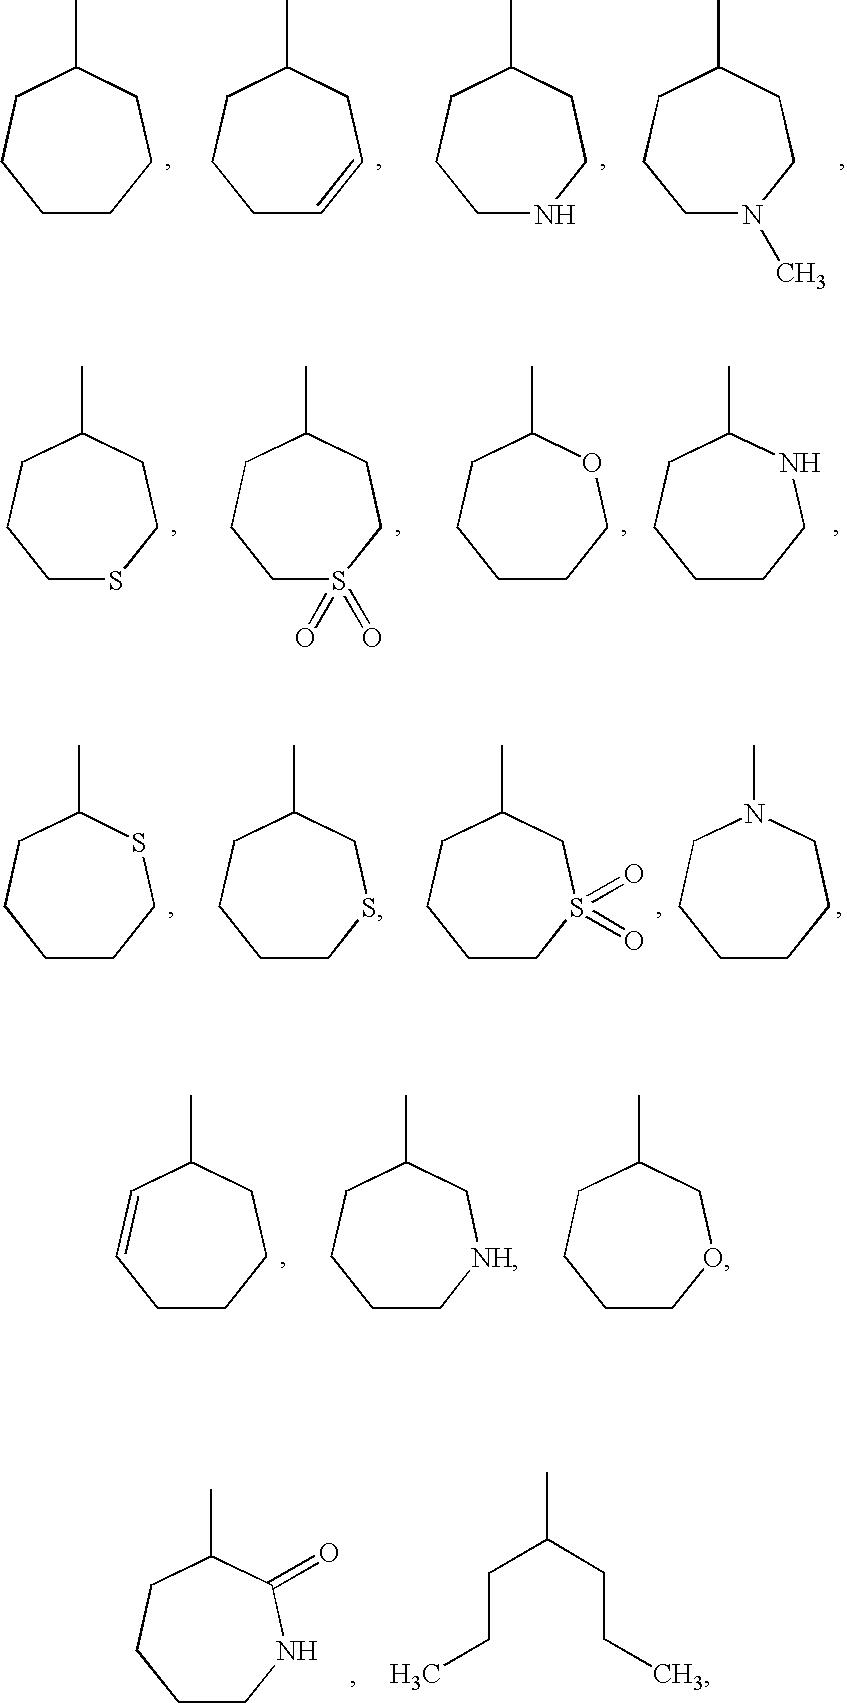 Figure US07112587-20060926-C00072